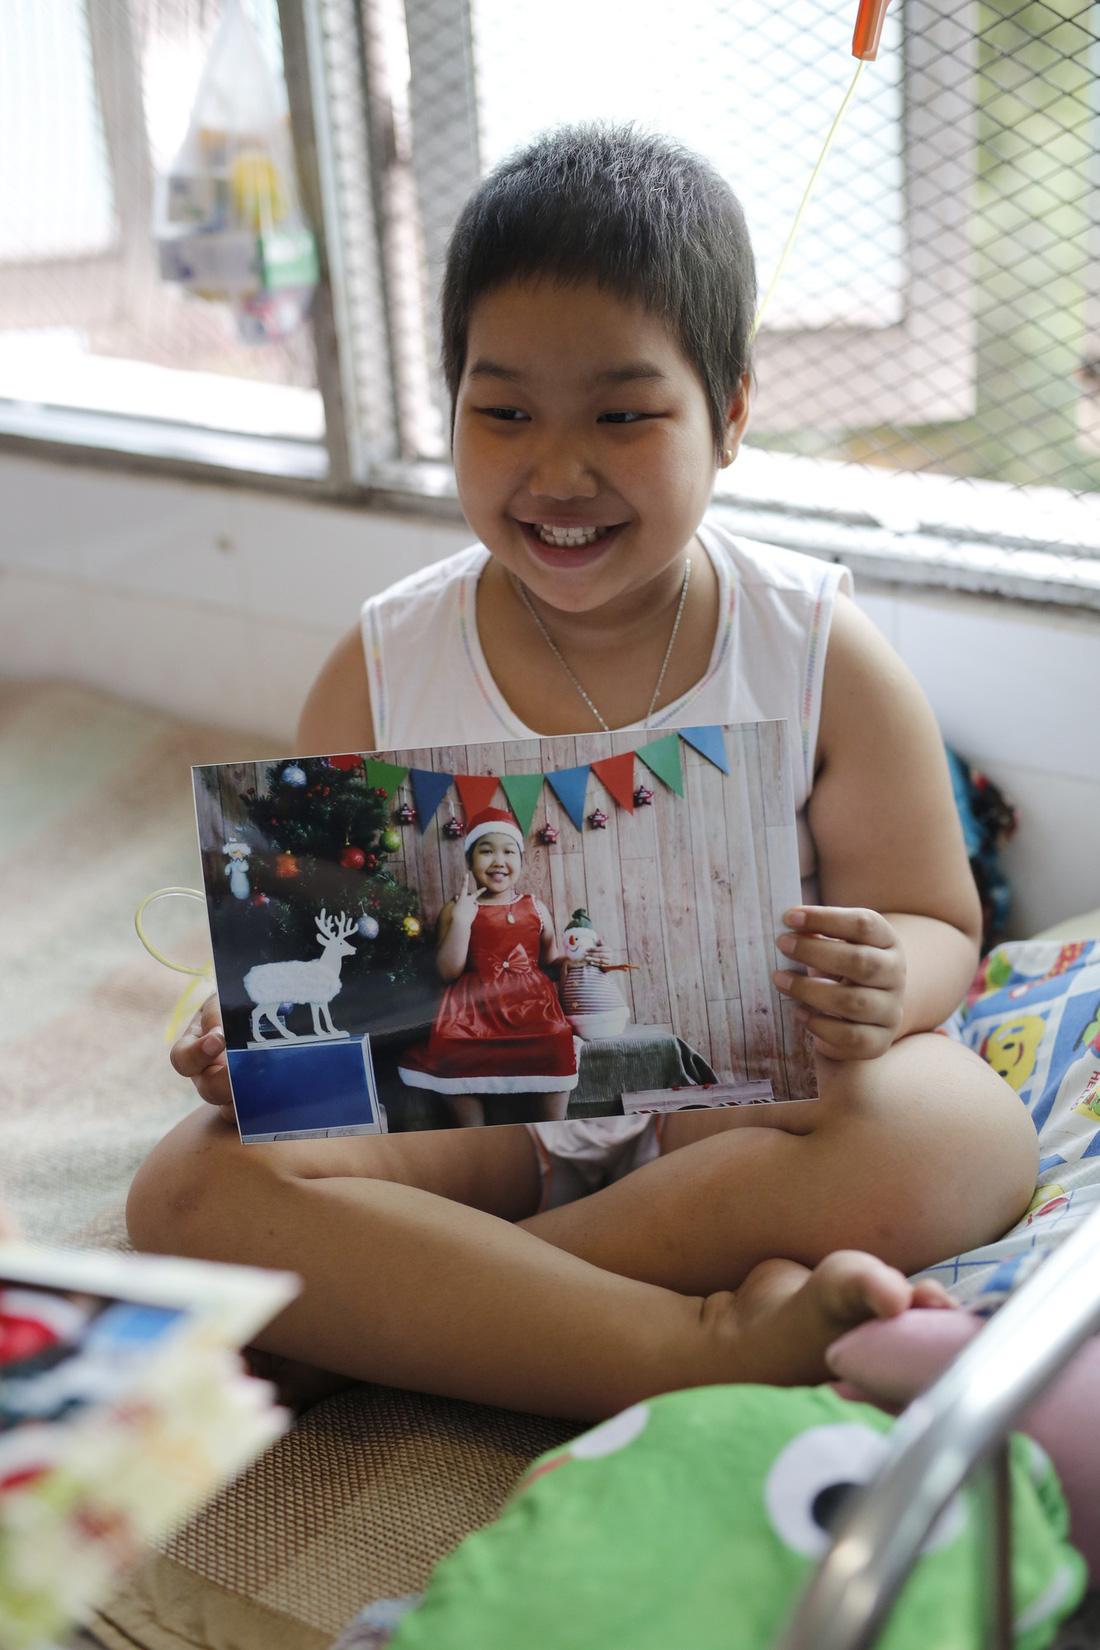 Nhật ký nụ cười của 10.464 bức ảnh chân dung - Ảnh 3.